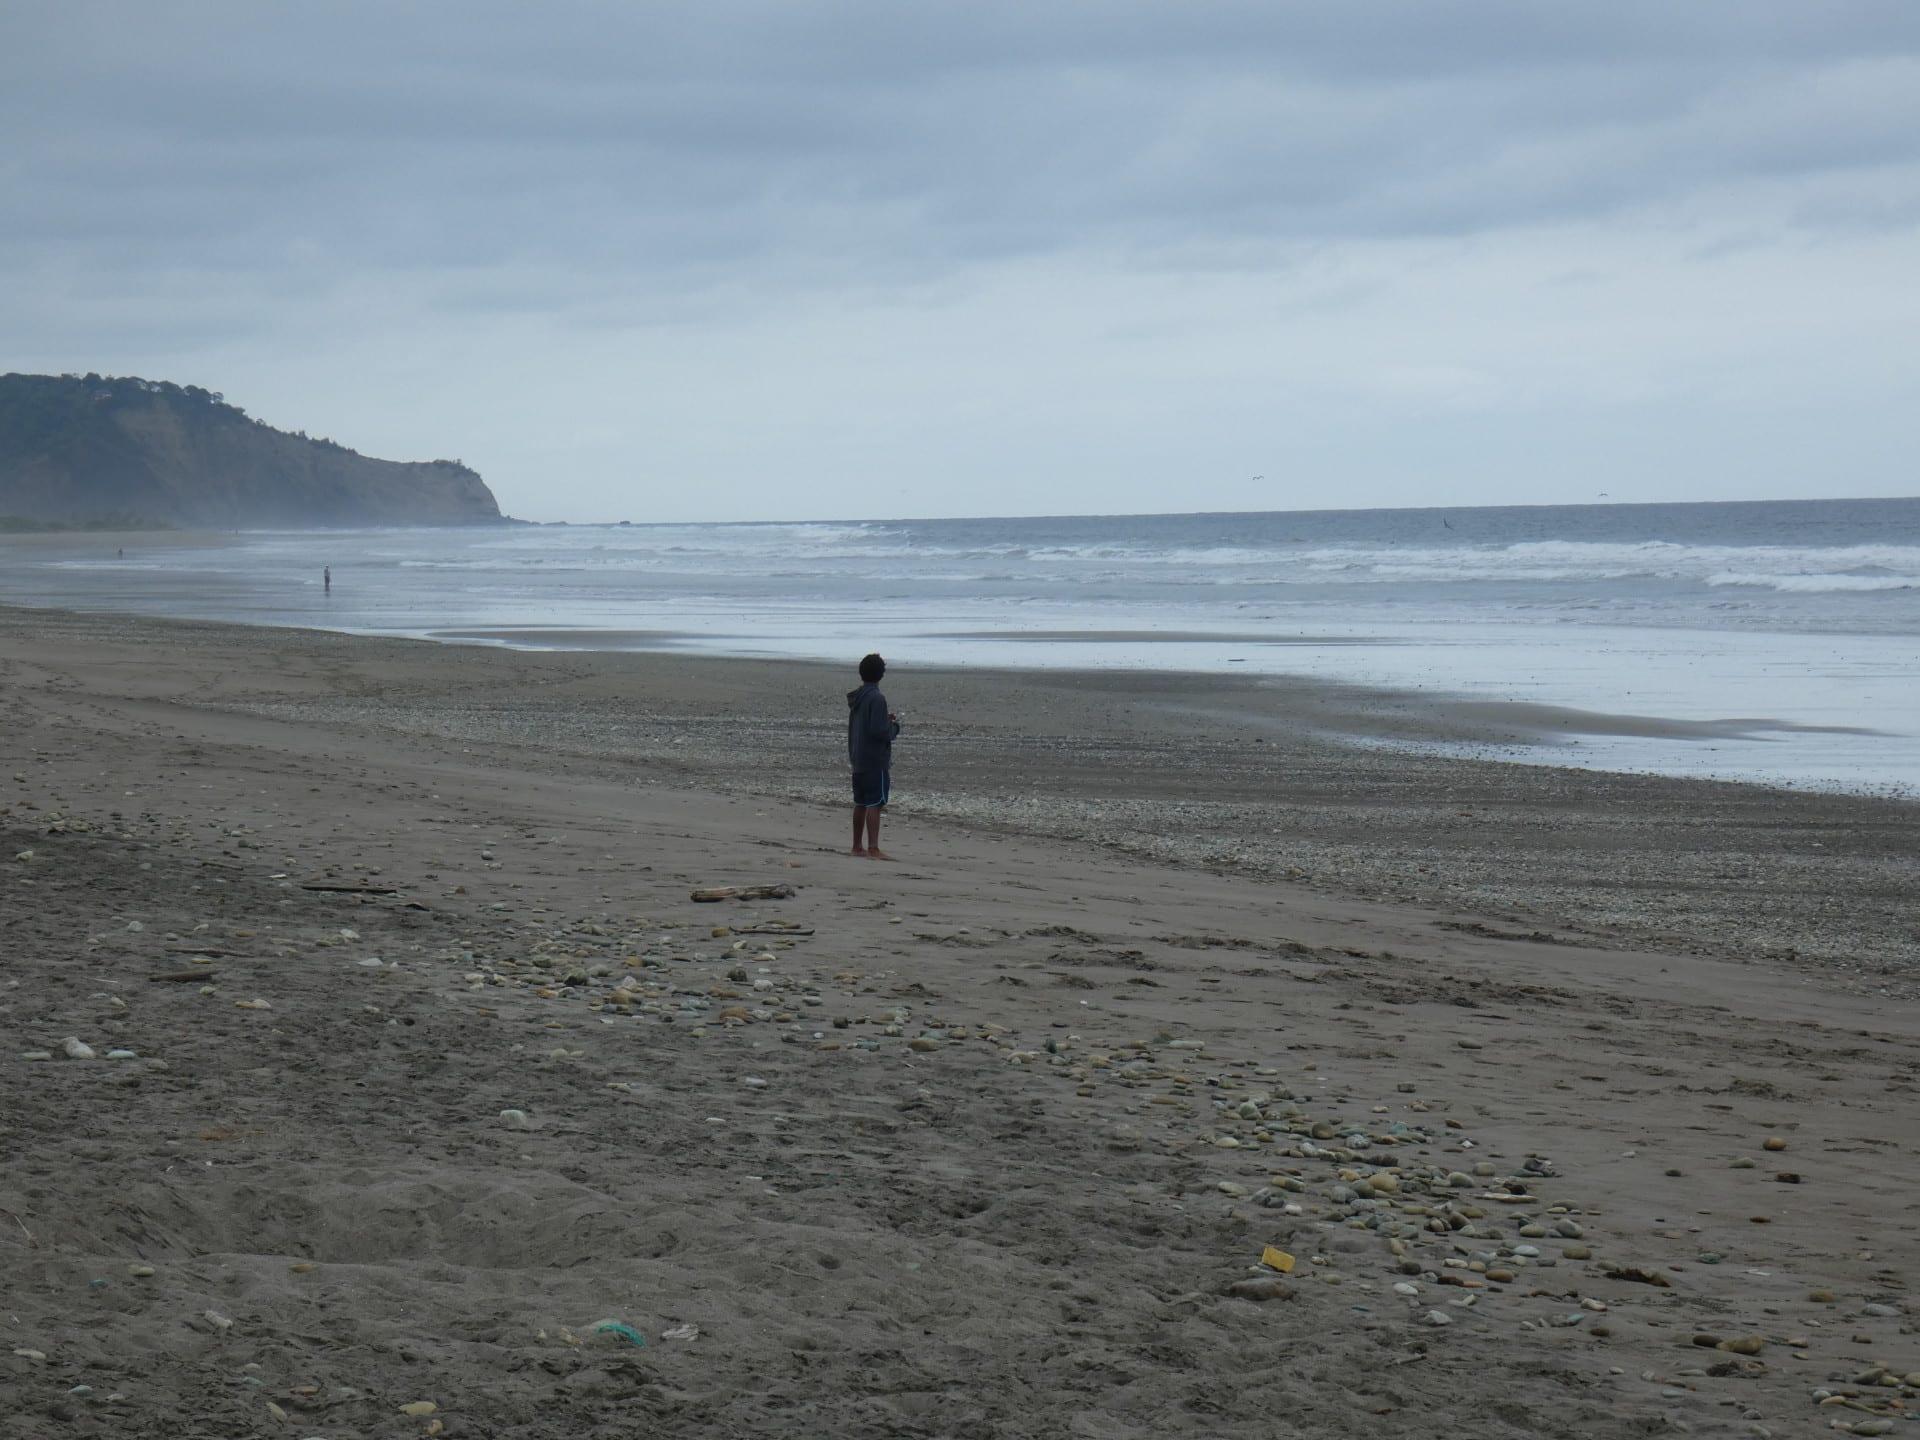 Un Enfant Sur La Plage De La Cote Pacifique Equatorienne